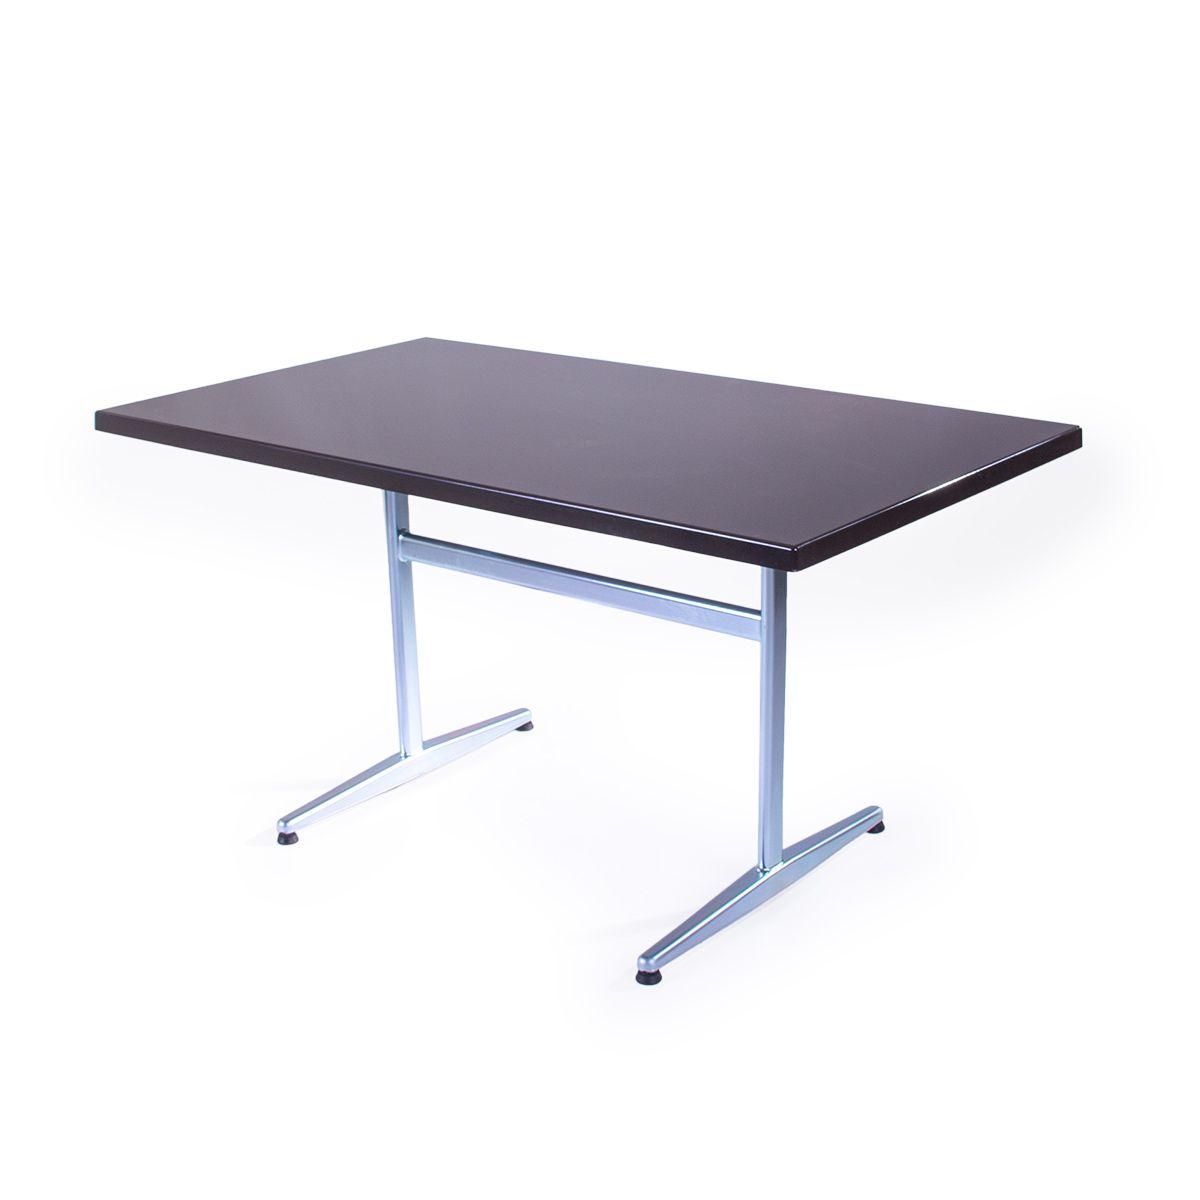 GFK Tisch dunkelbraun, glanz, Untergestell galvanisch, T-Gestell Basic, 140 x 80 x 3.5 cm, H 73 cm